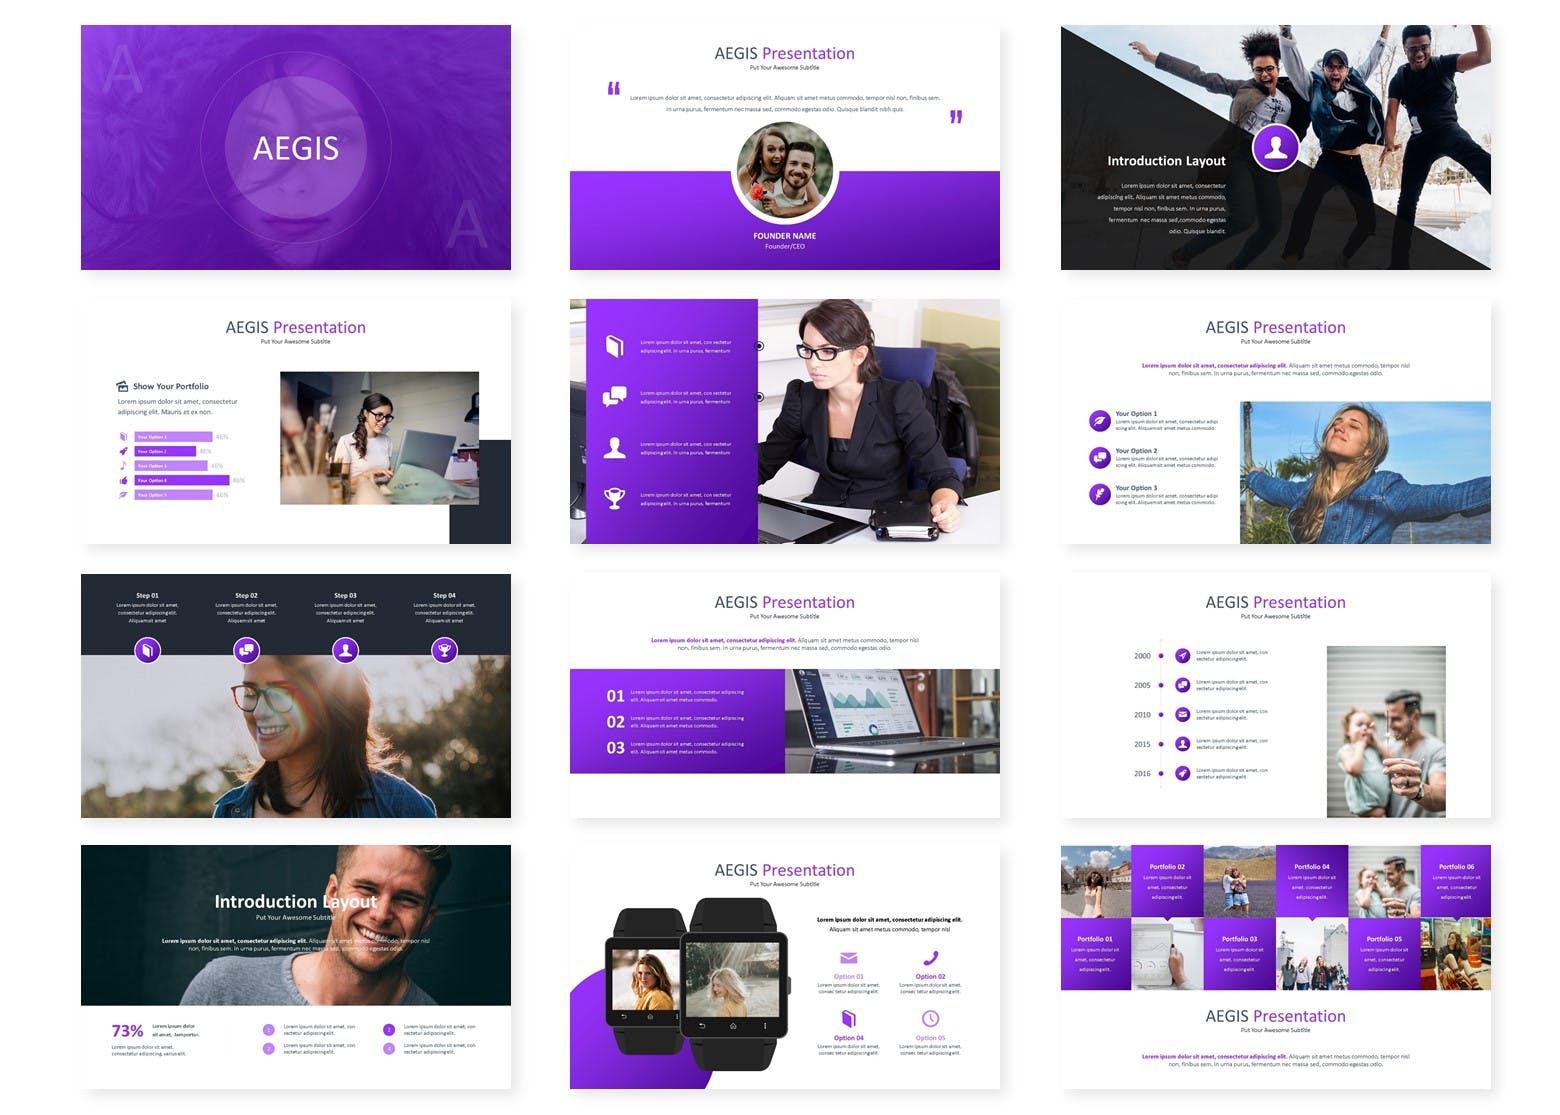 企业新产品市场调研提案PPT幻灯片模板下载Aegis Google Slides Template插图(1)